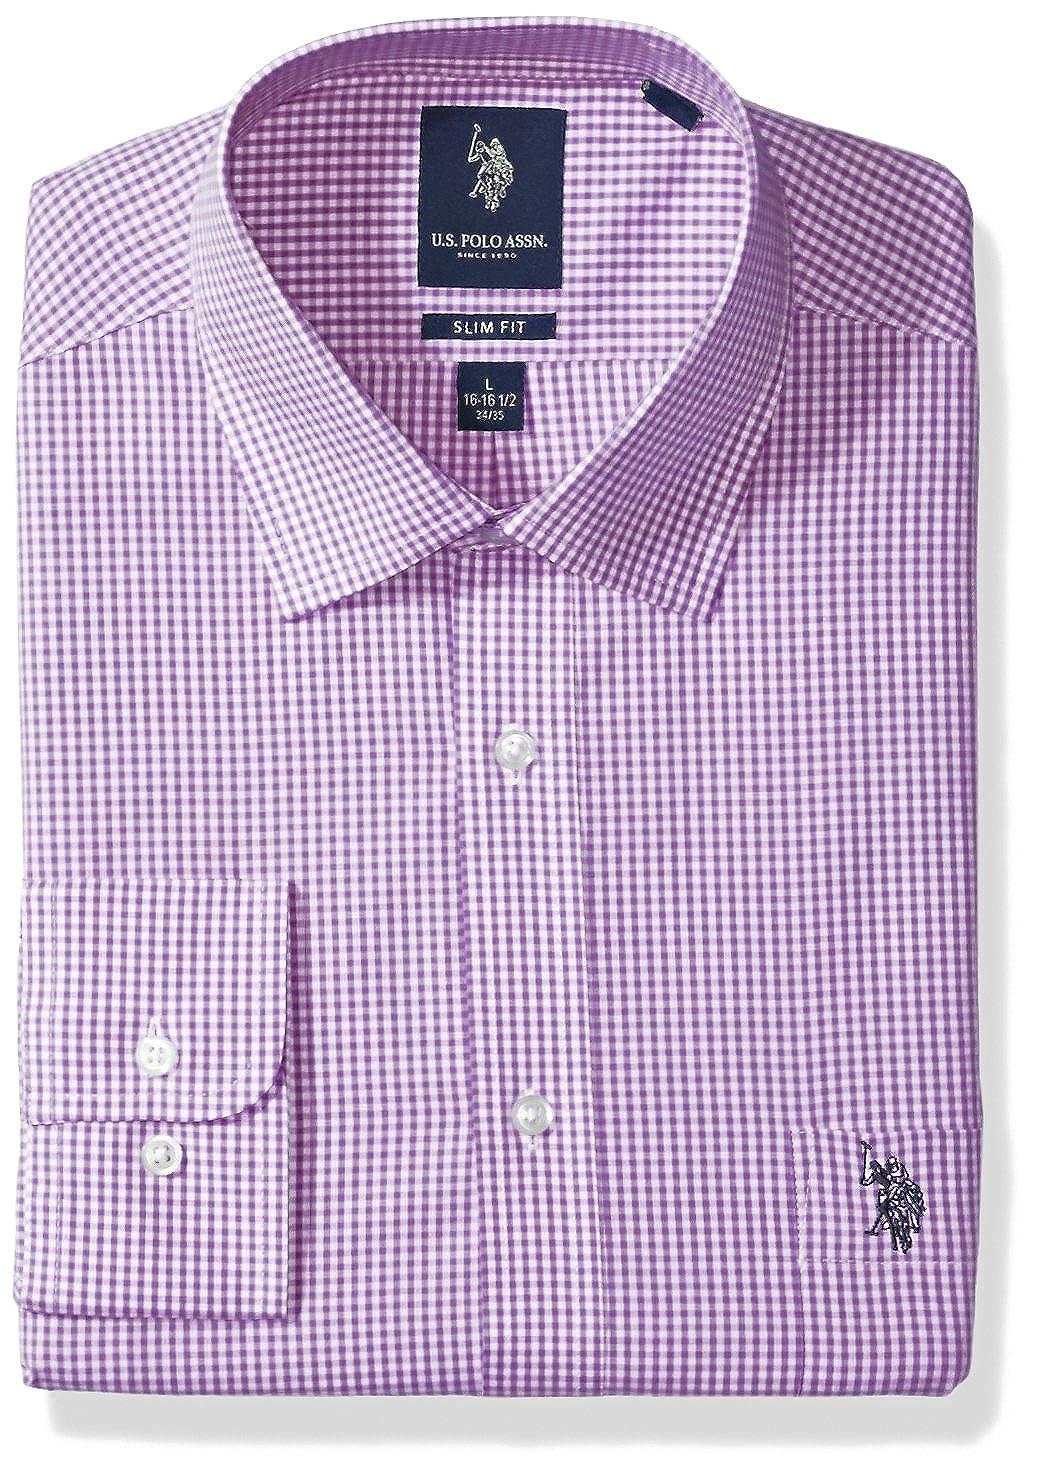 U.S. Polo Assn. Hombre Camisa de Vestir - Morado - 46 cm- 47 cm ...